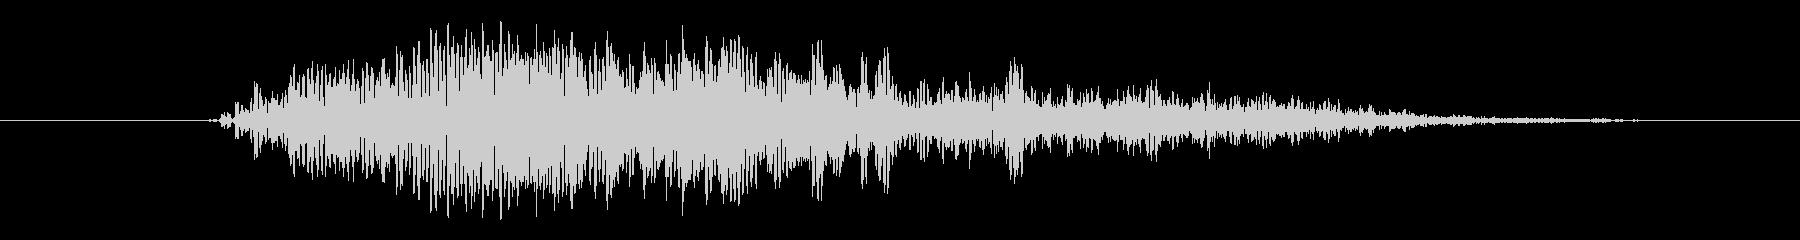 大型モンスターの声 ダメージ グアァ Sの未再生の波形